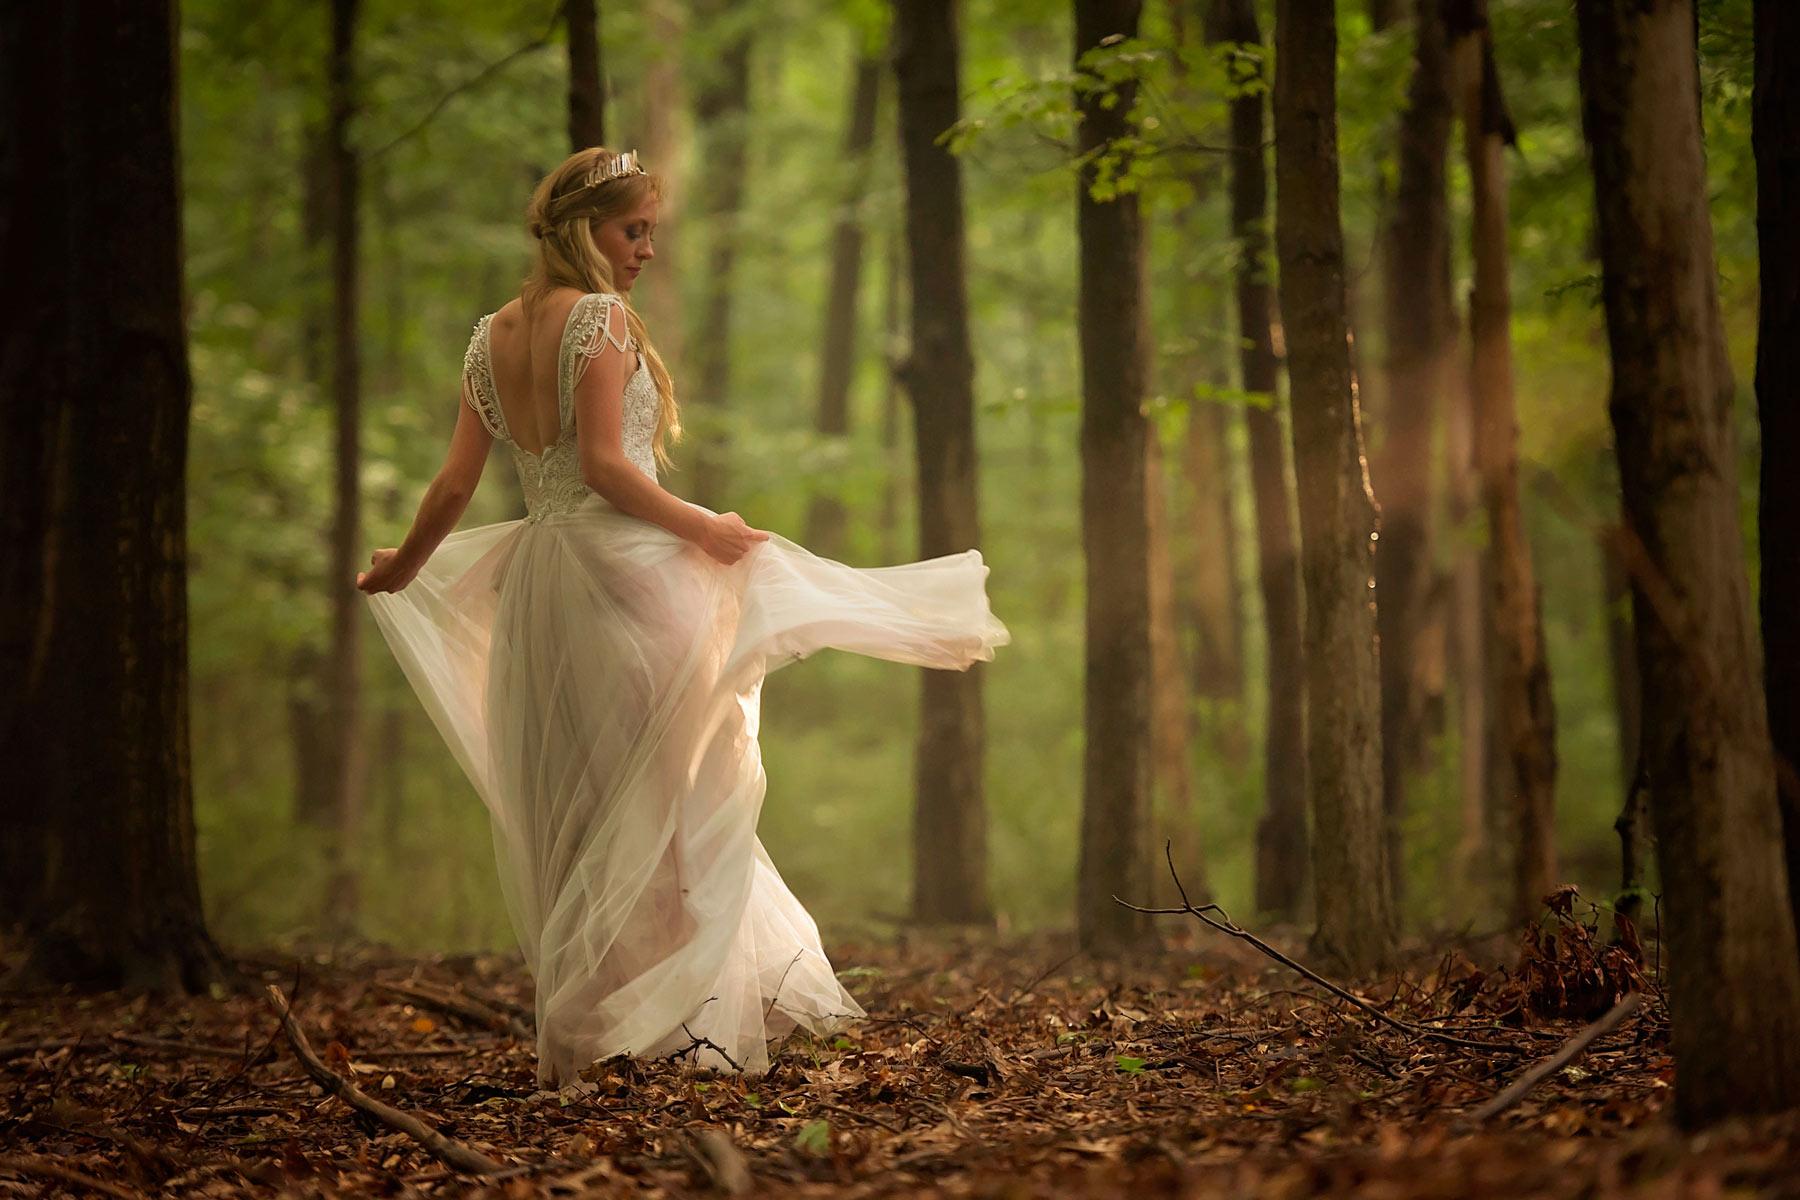 Bucks_County_wedding_photographer_Stroudsmoor_country_inn_wedding_Philadelphia_wedding_photographer_25_bride_twirls_in_woods.JPG